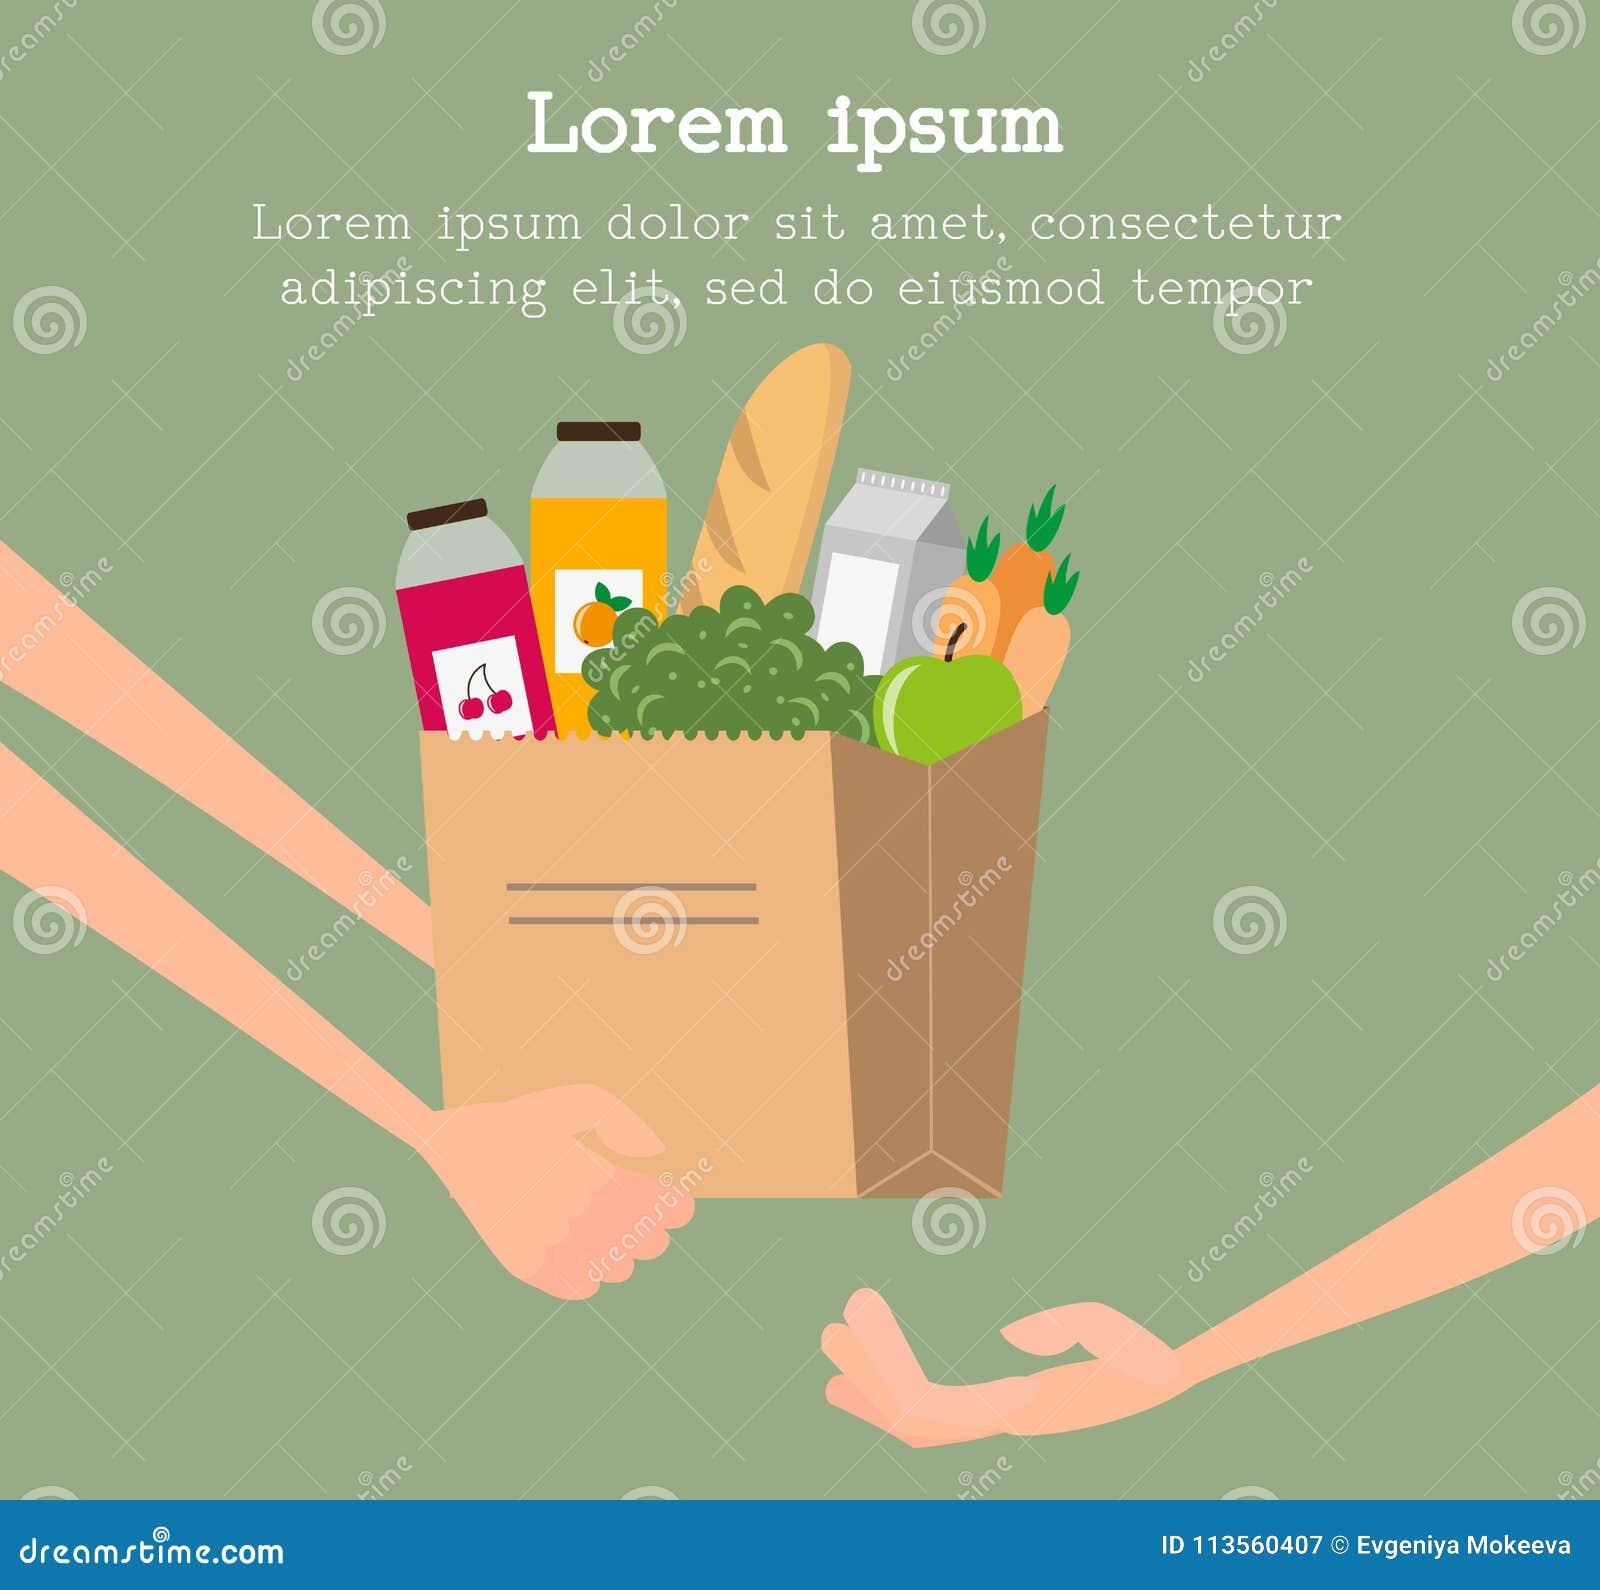 Lebensmittelgeschäftlieferungsservicekonzept mit der Papiertüte voll vom Lebensmittel